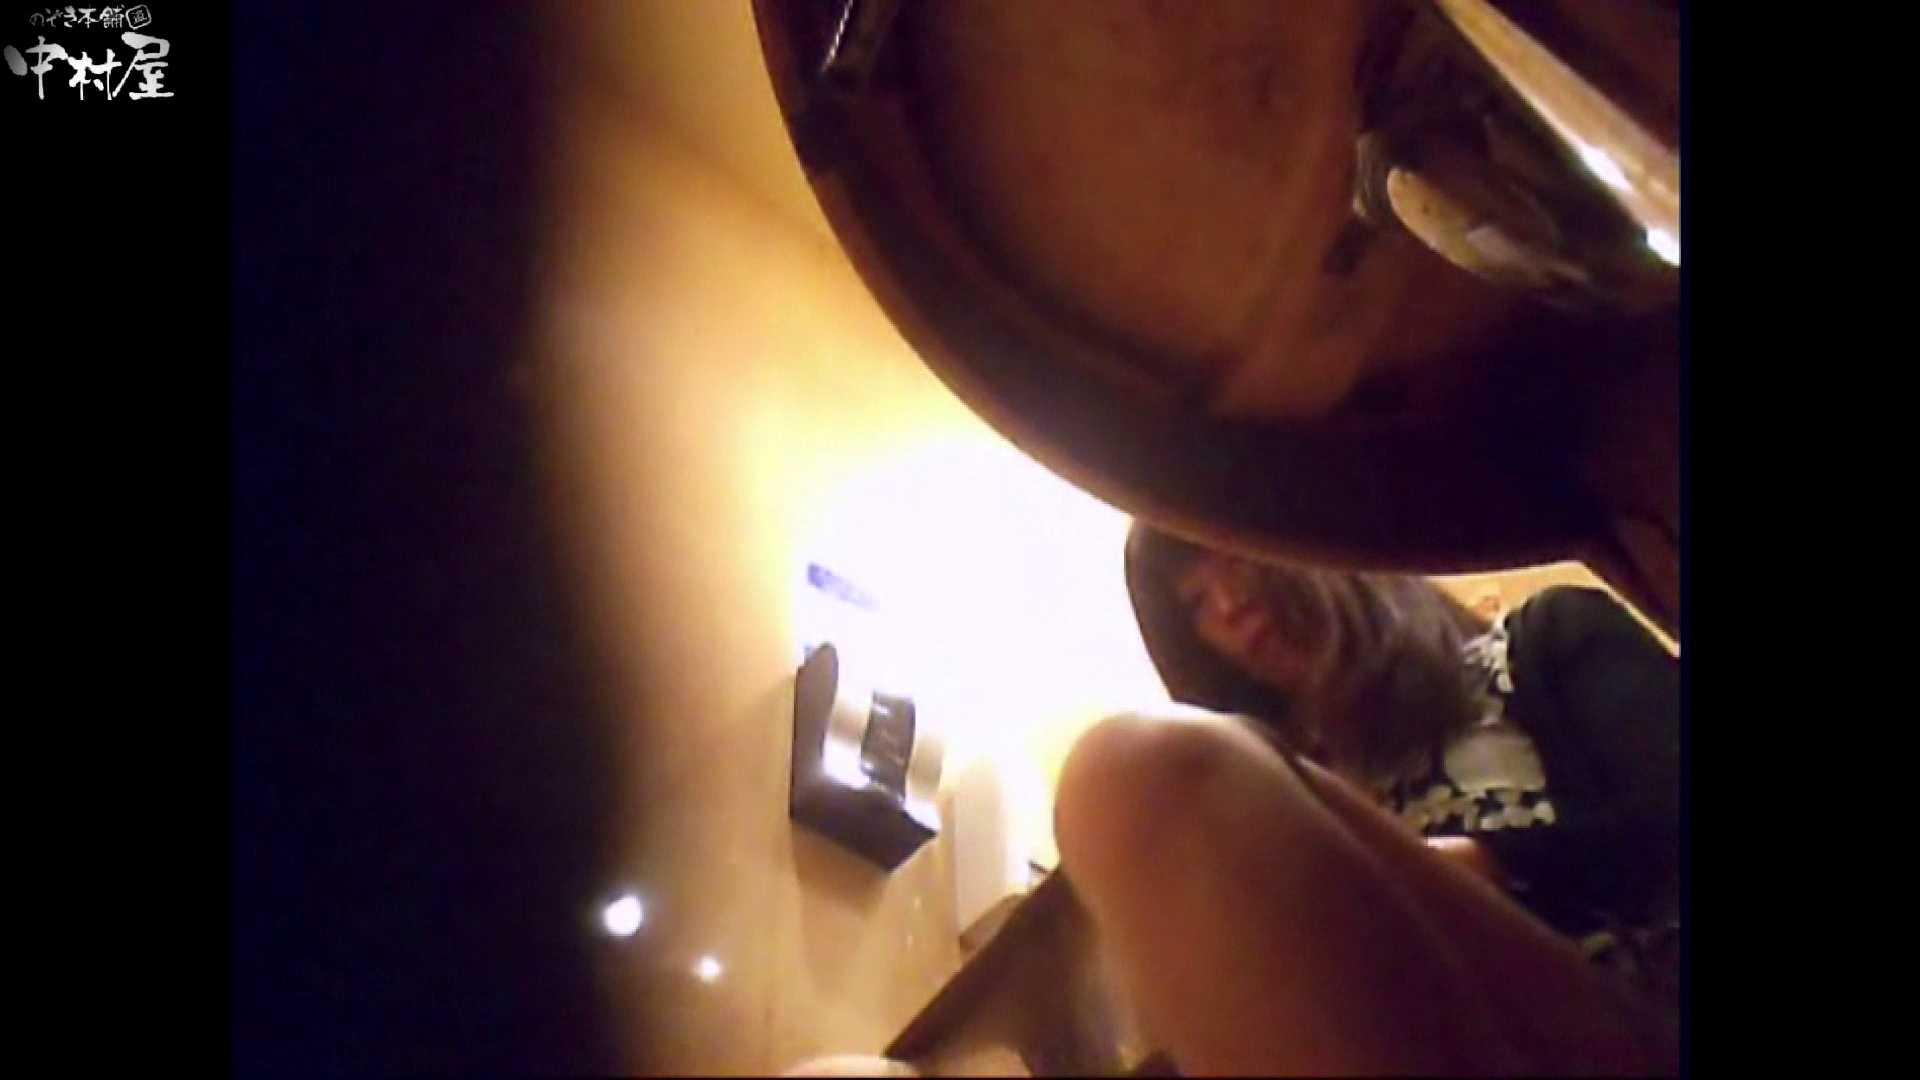 ガチ盗撮!突撃!女子化粧室の真実~セカンドシーズン~vo.04 盗撮師作品 | 熟女丸裸  80pic 31